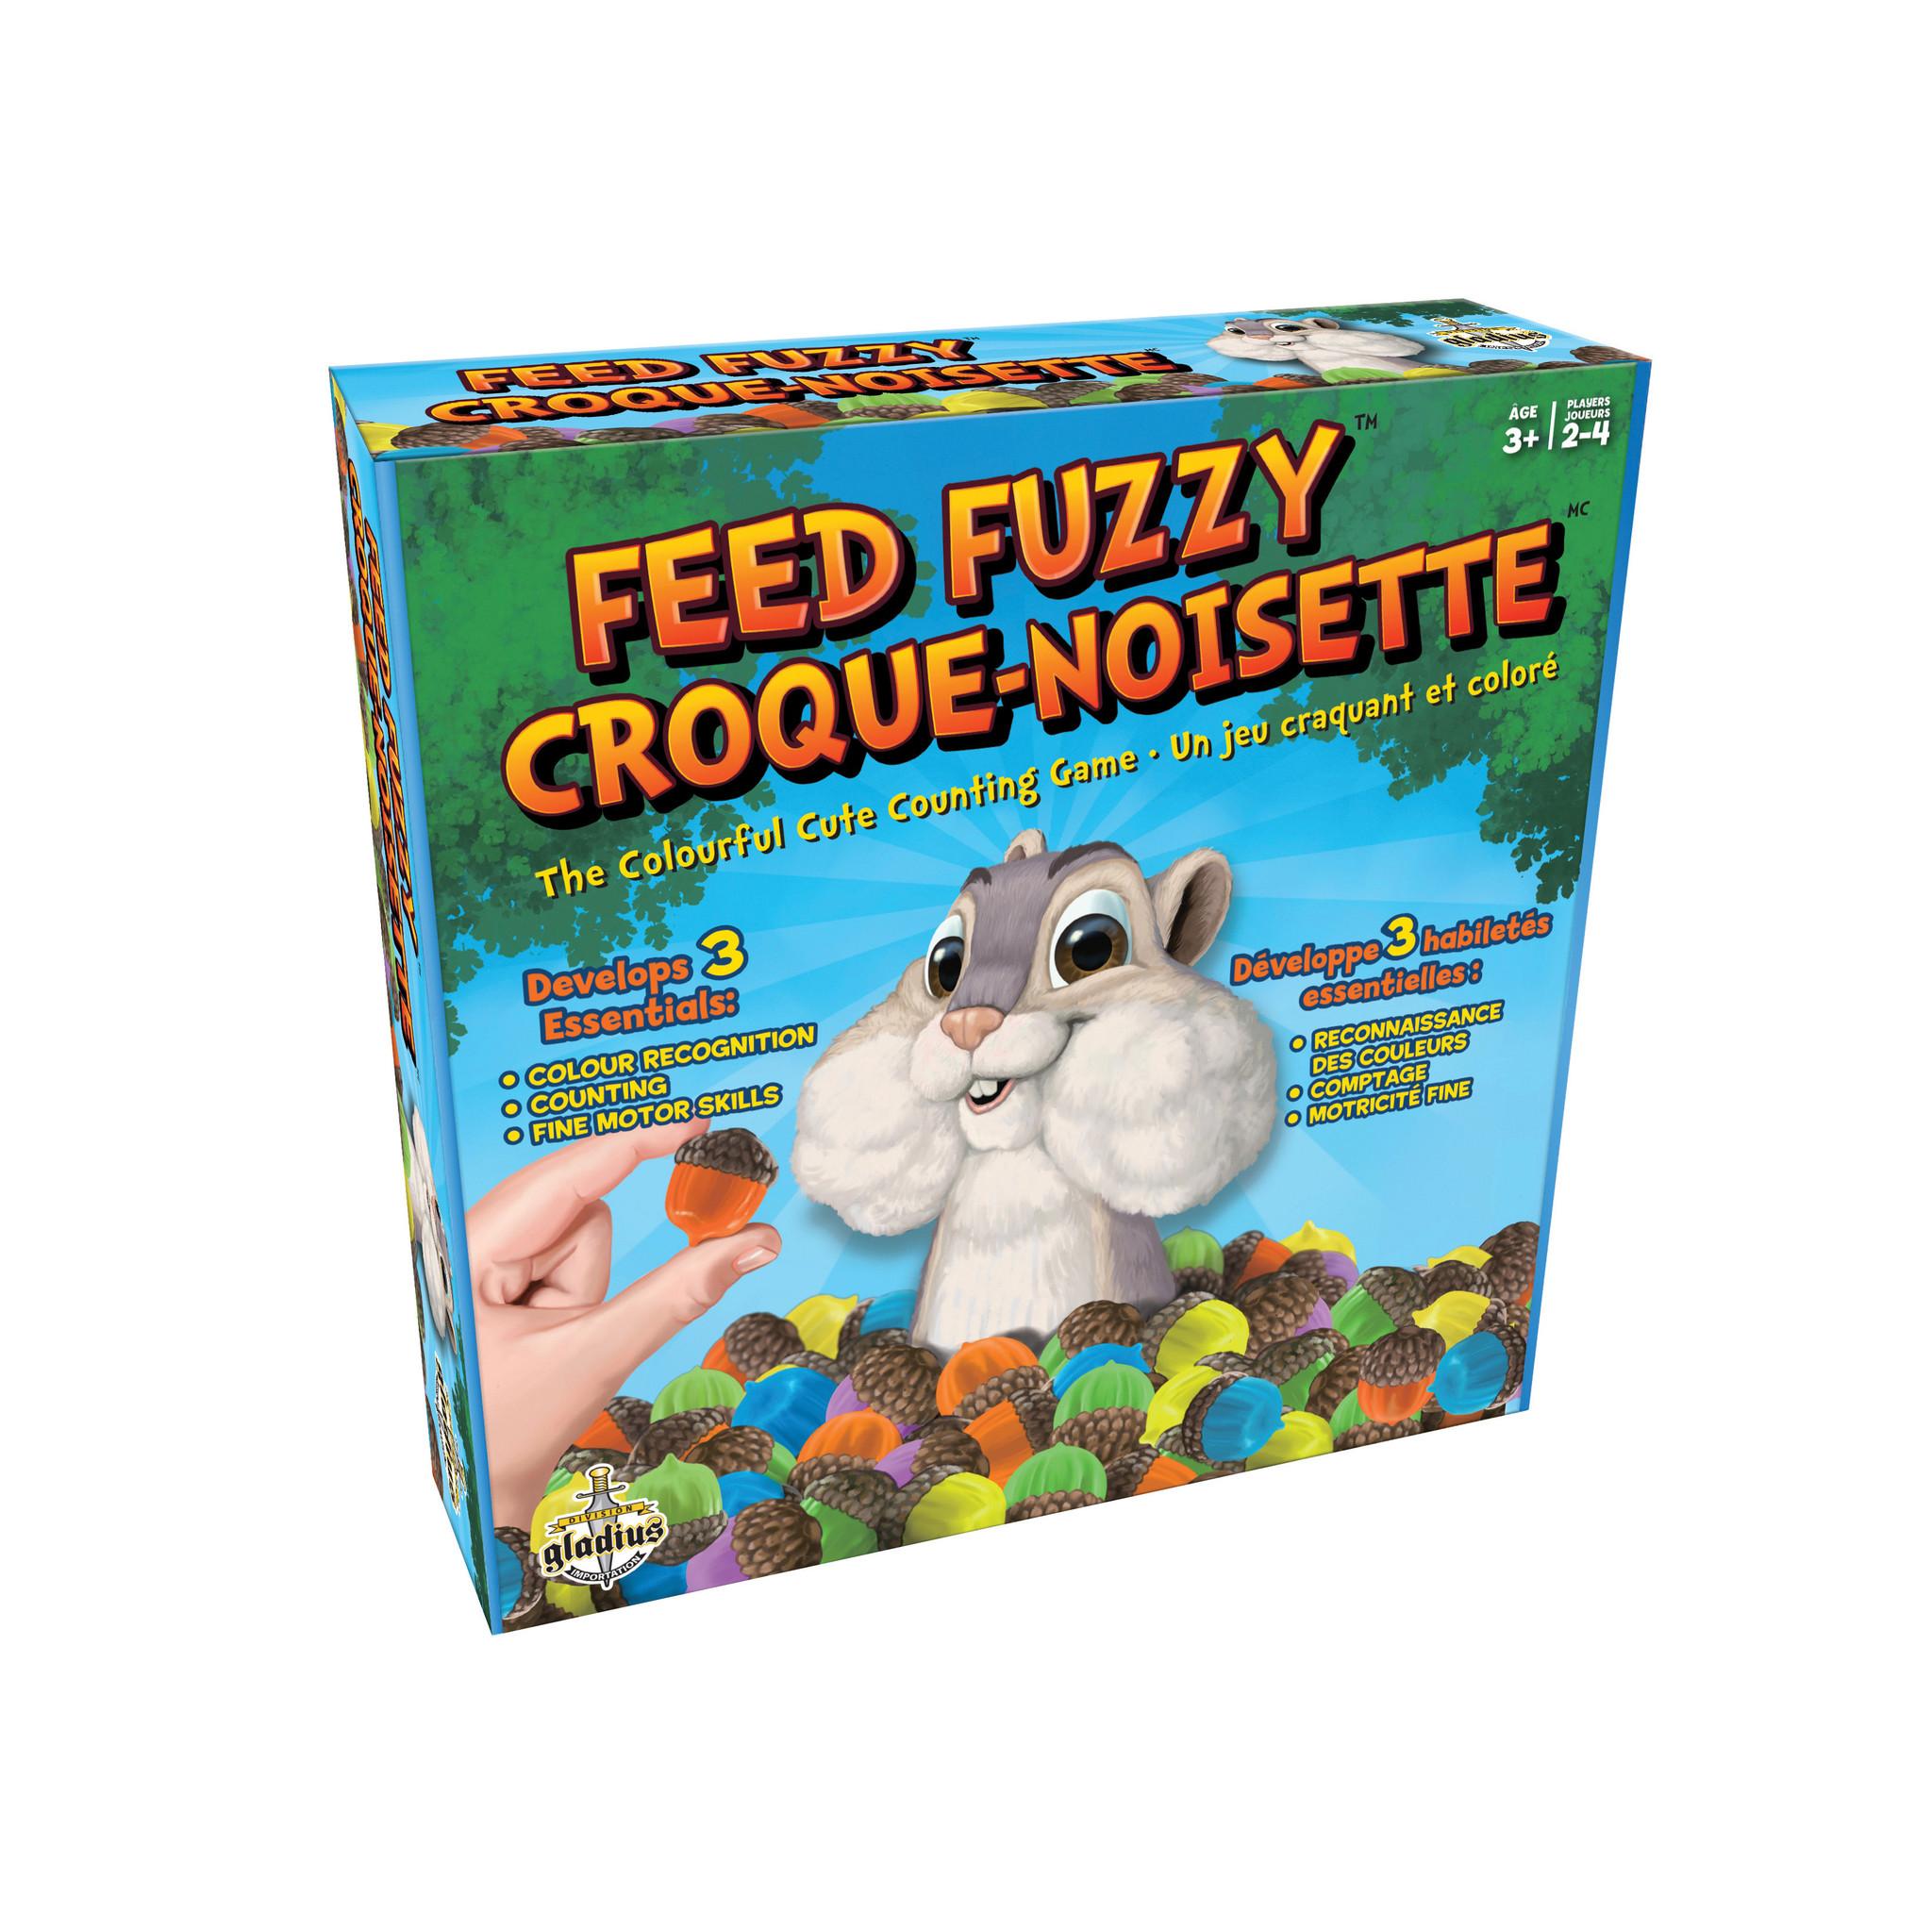 Gladius Croque-Noisette